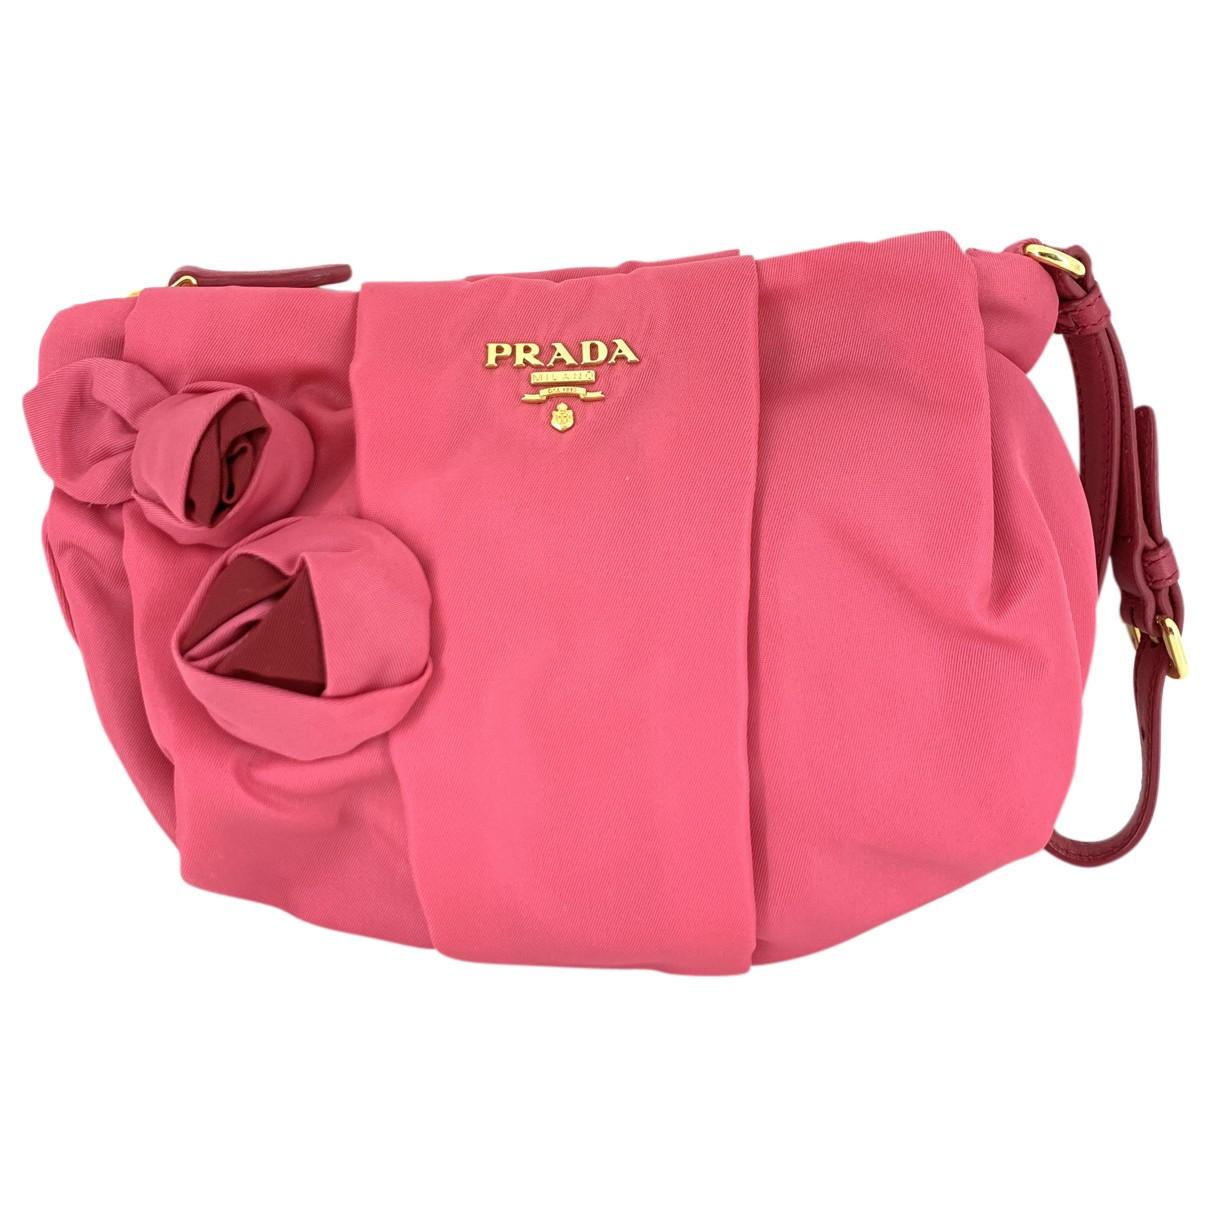 Bolsos clutch en Sintetico Rosa Prada